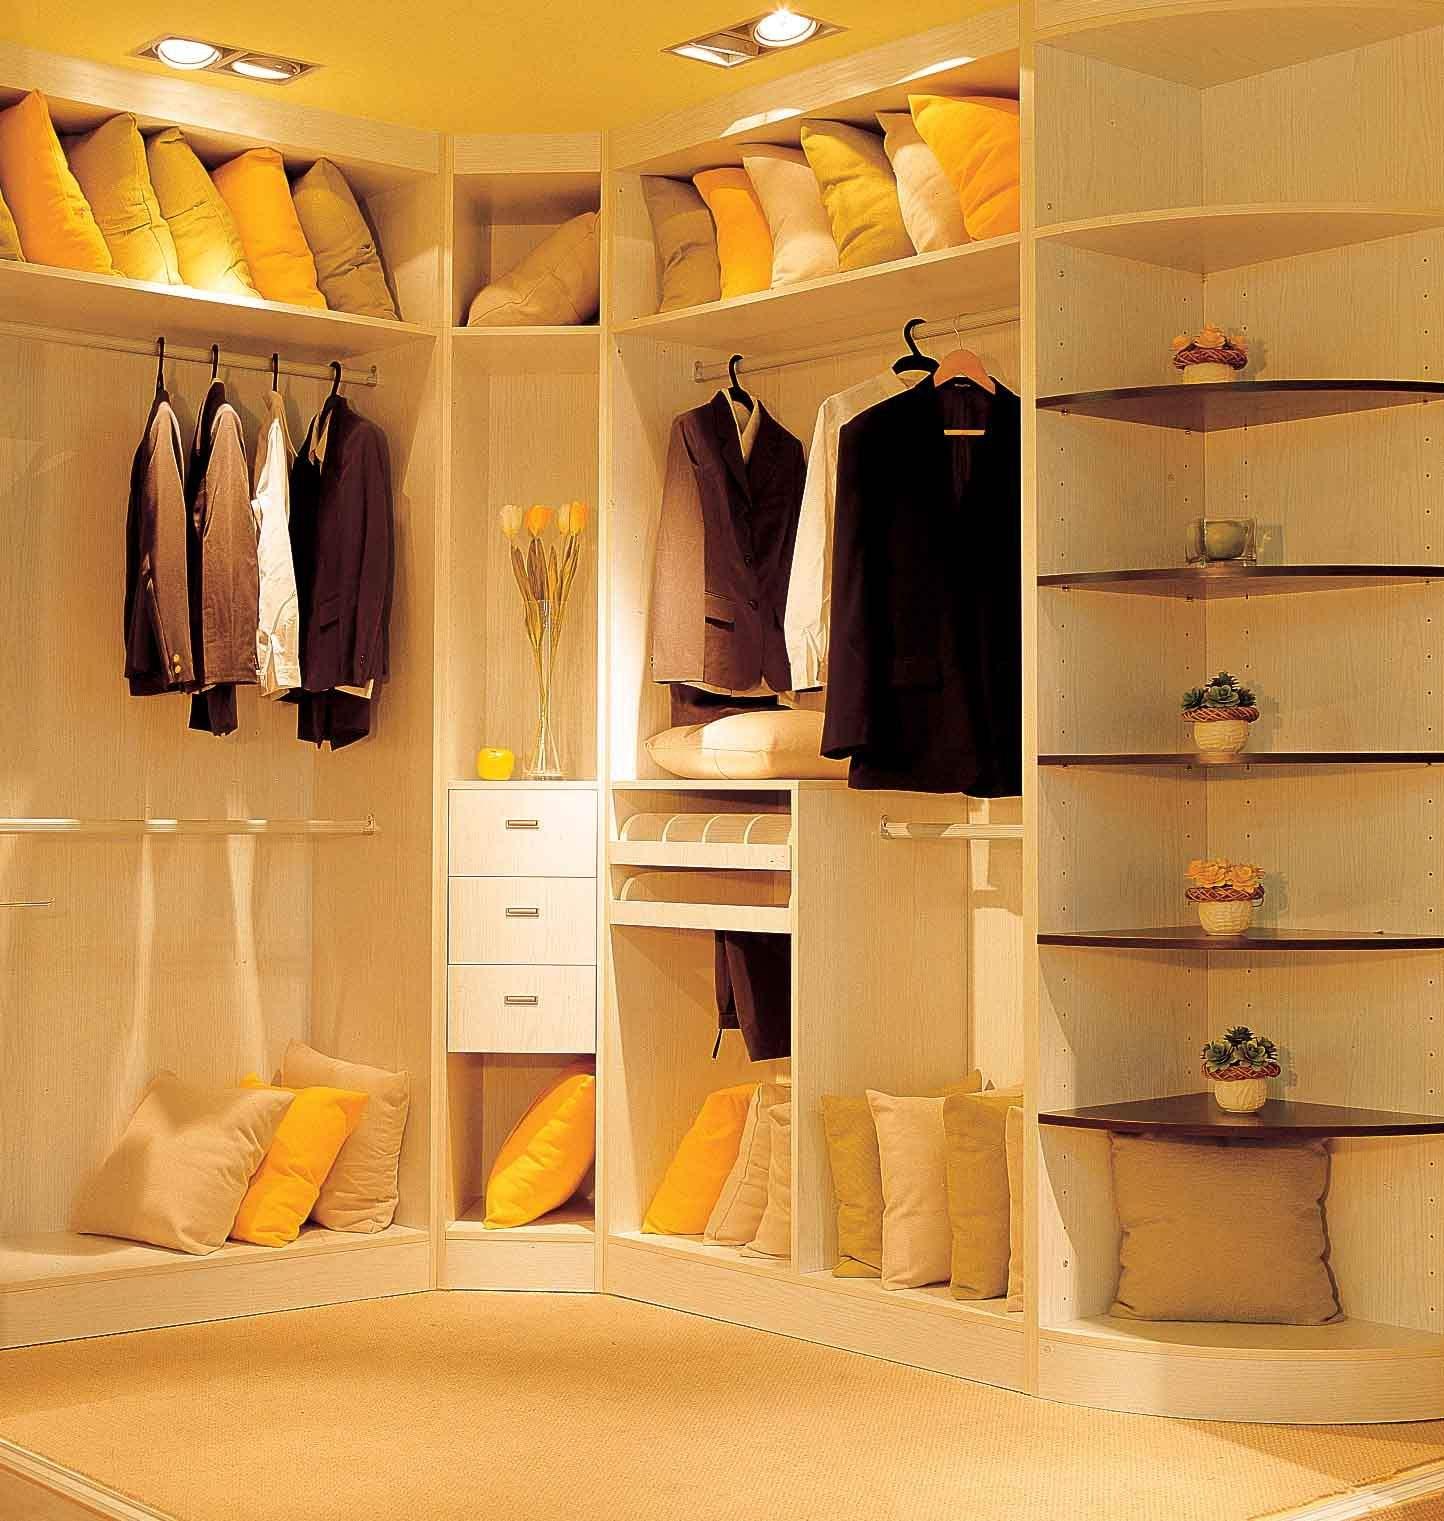 定制衣柜该怎么选?